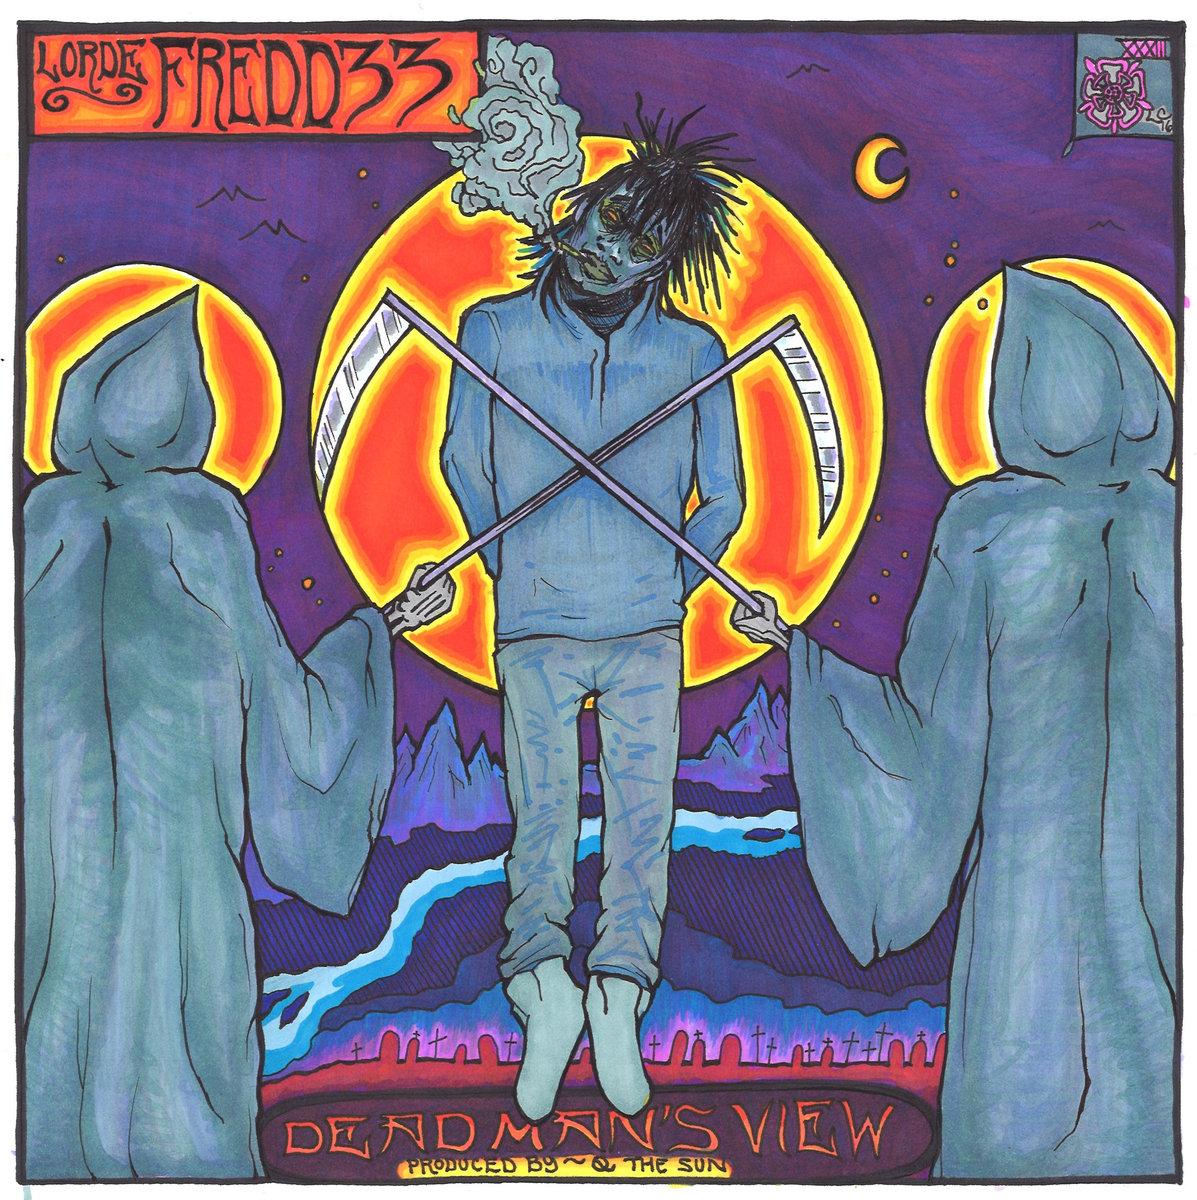 GLS016 - Lorde Fredd33 - Dead Man's View